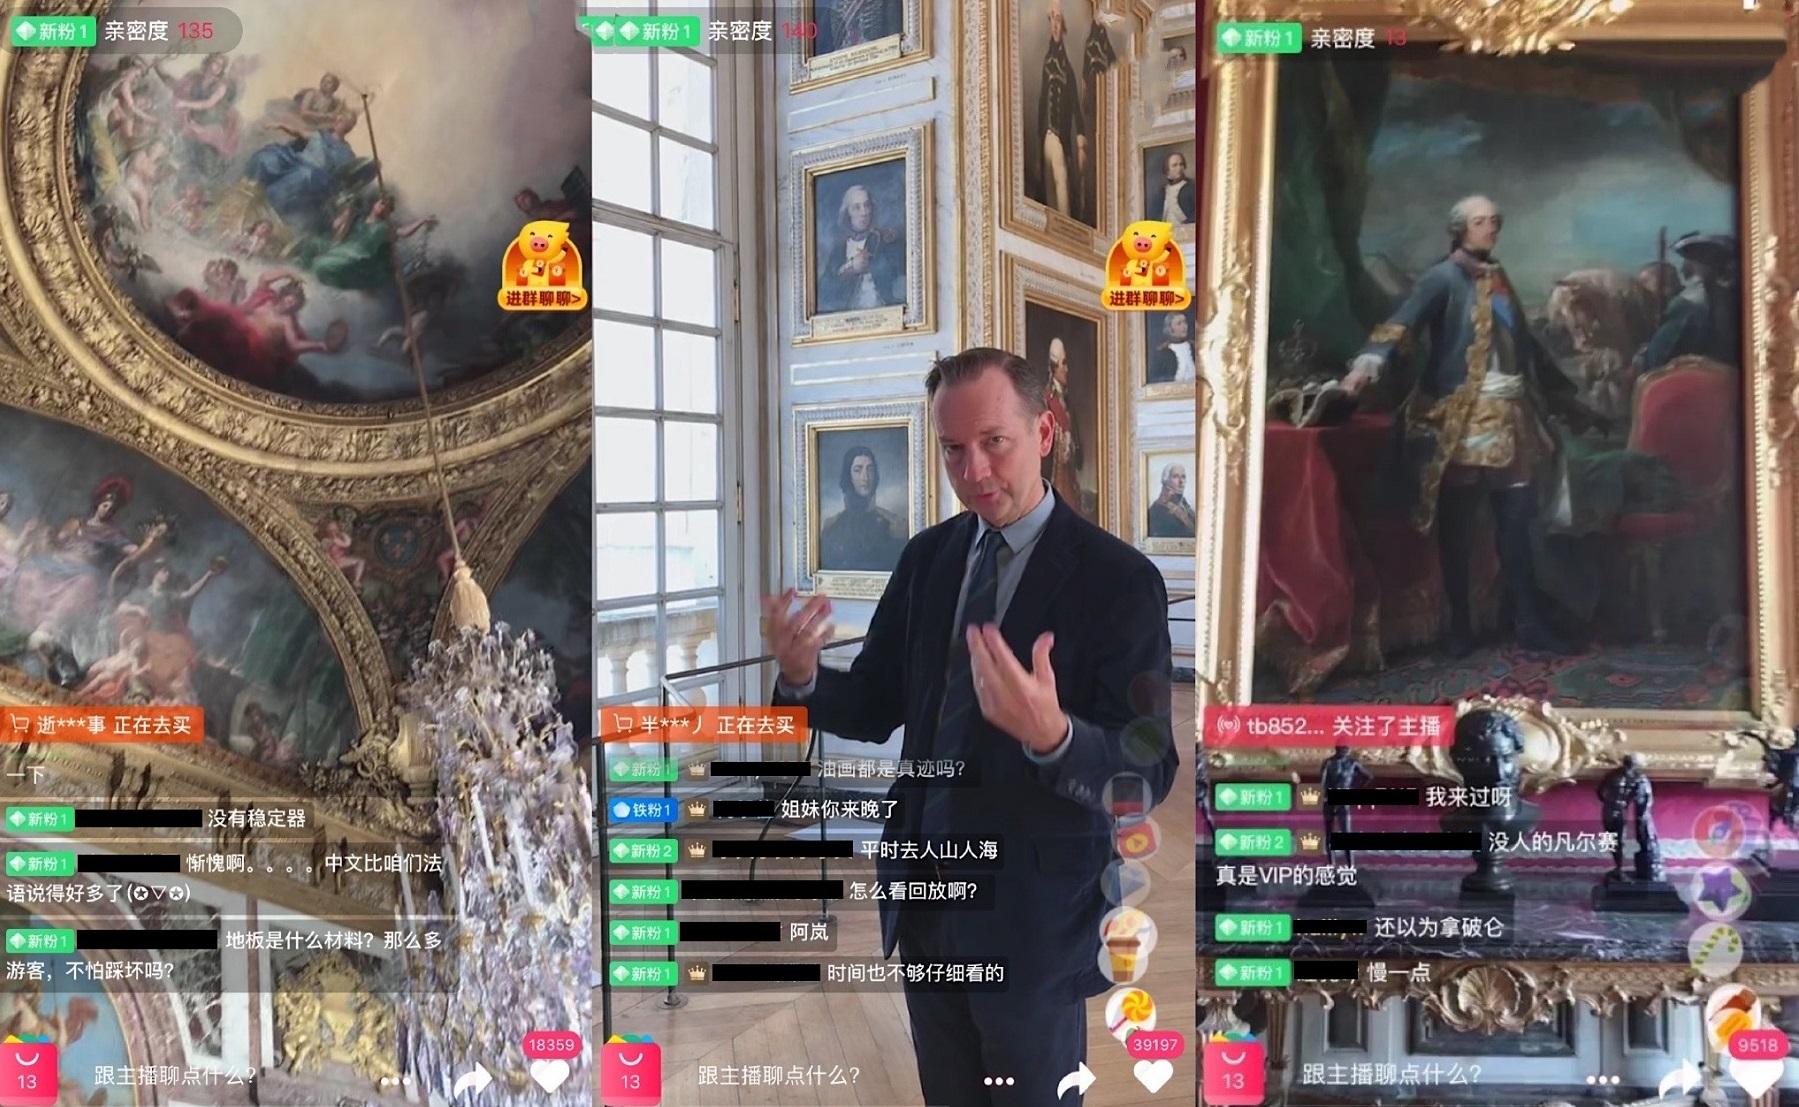 被譽為世界五大宮殿之一的凡爾賽宮,日前透過淘寶直播,對外展示宮殿的金碧輝煌。